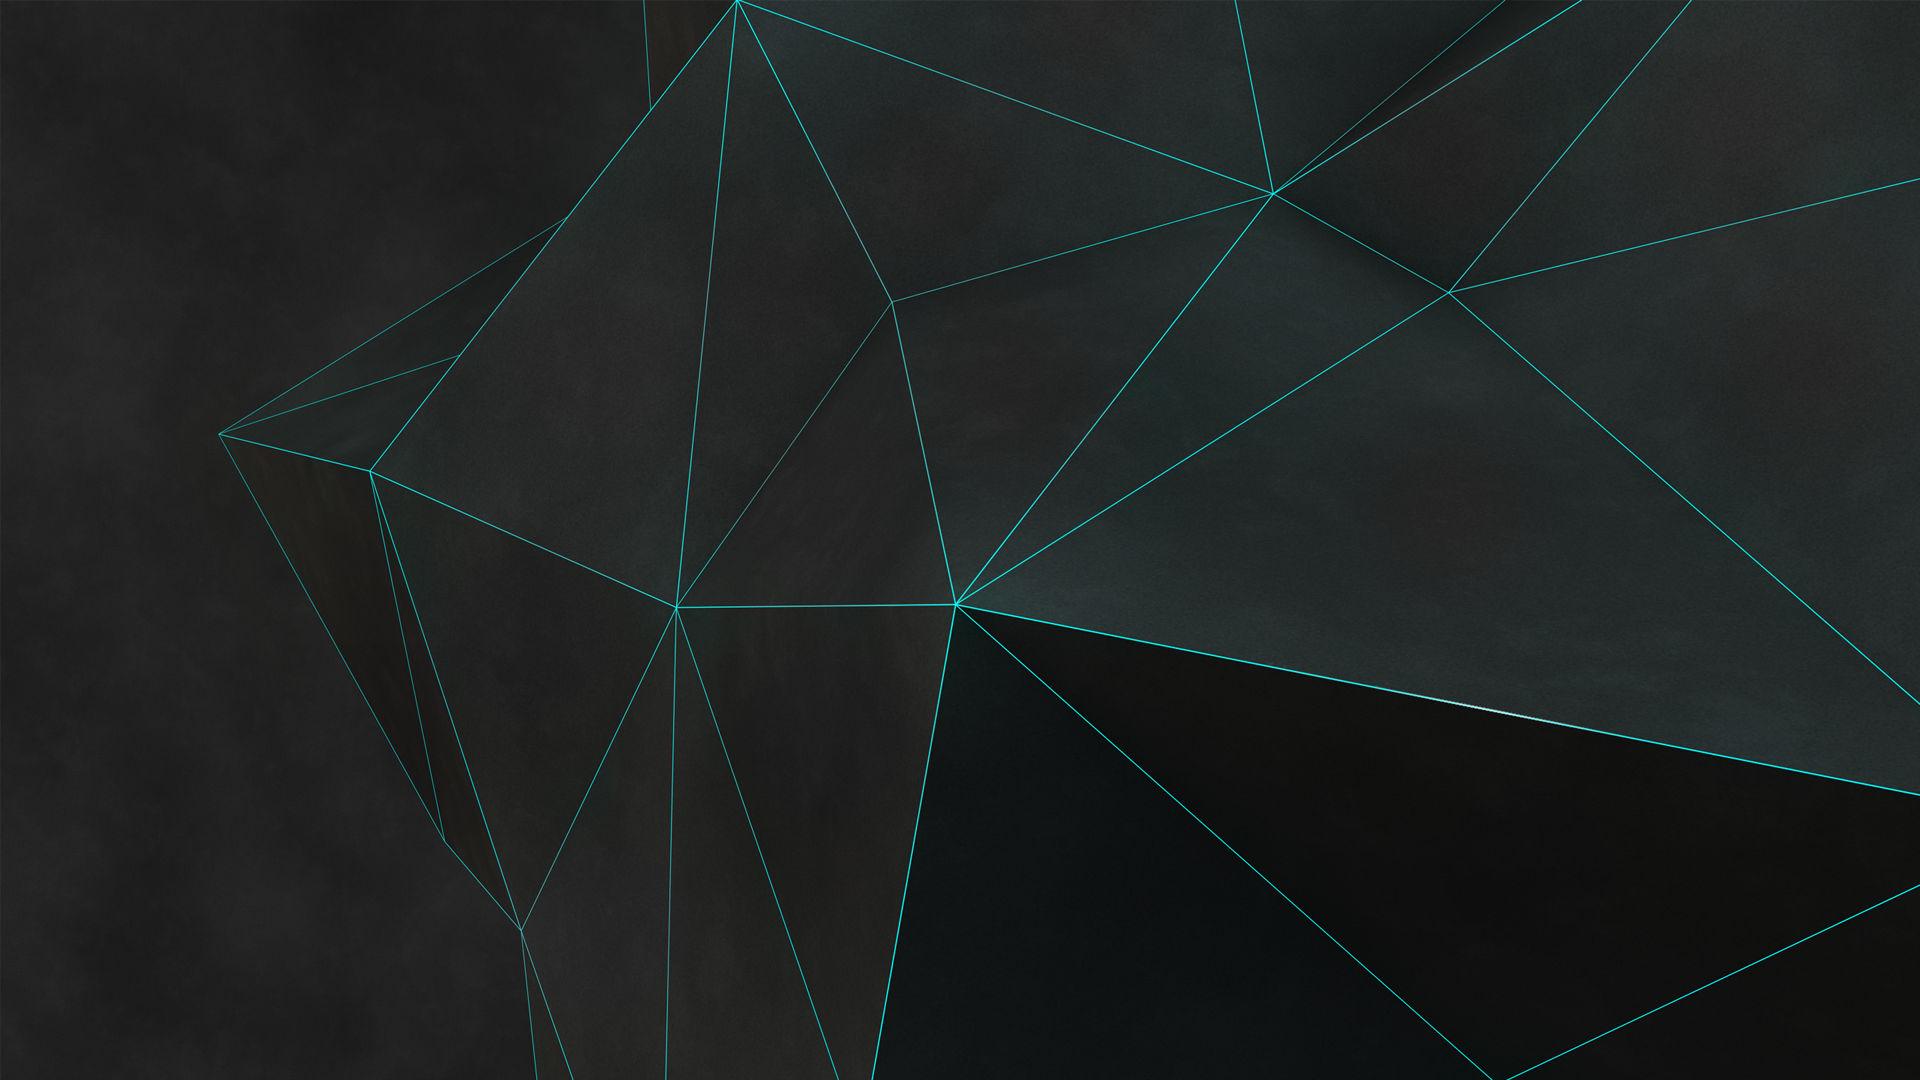 Polygon Wallpaper 8 1920x1080